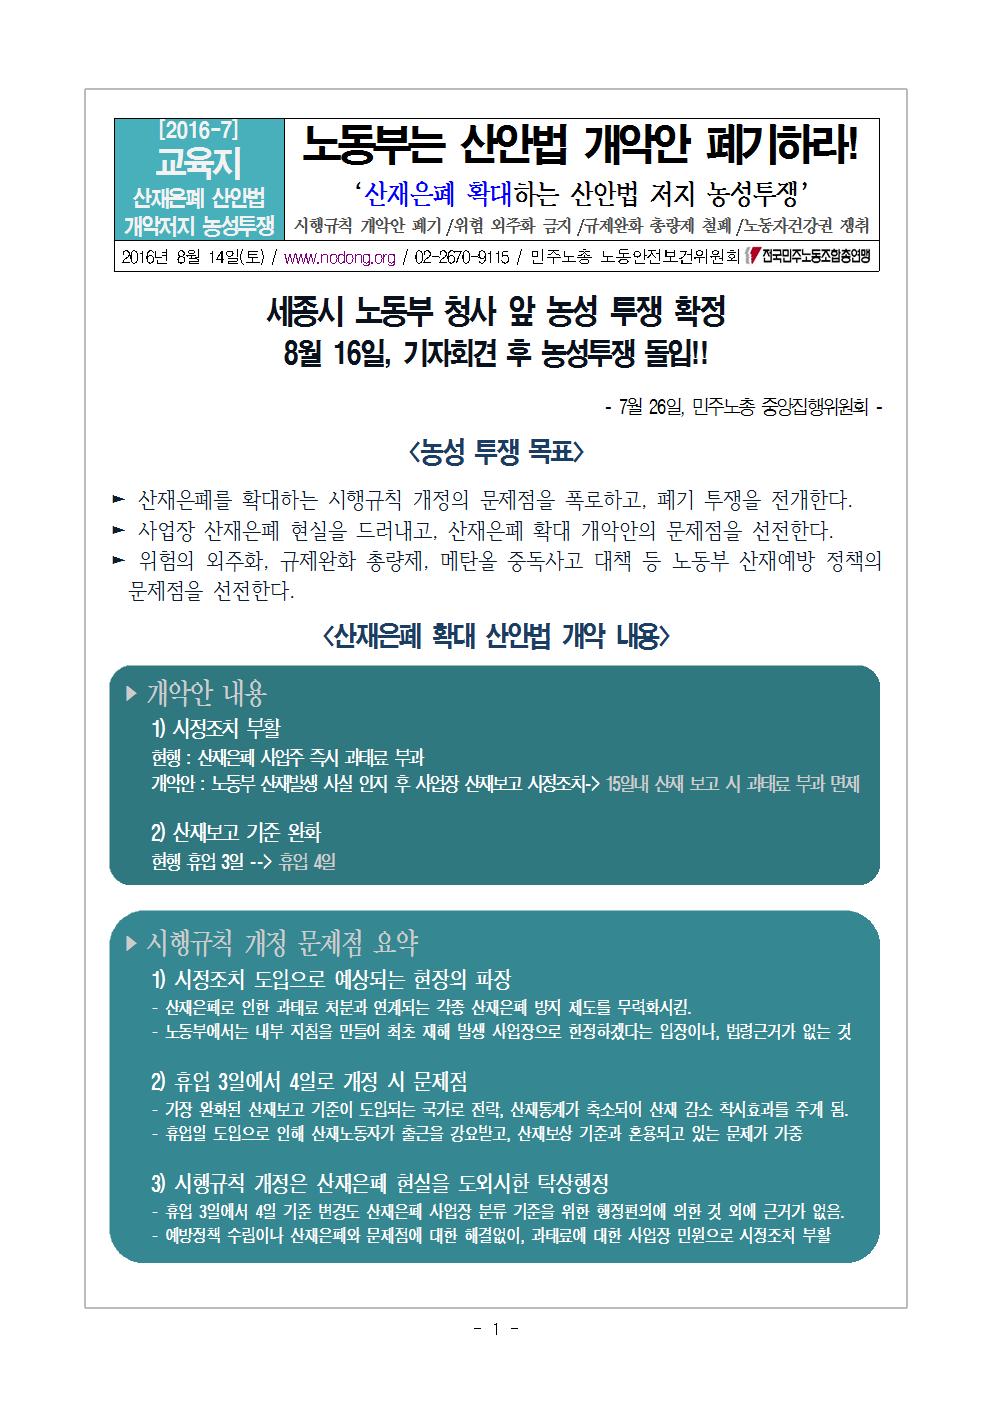 [2016교육지-7] 산재은폐_산안법개악저지_농성투쟁001.png